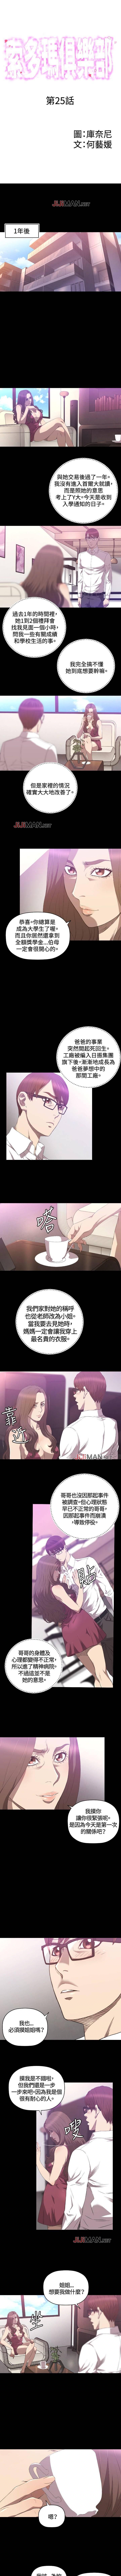 【已完结】索多玛俱乐部(作者:何藝媛&庫奈尼) 第1~32话 116